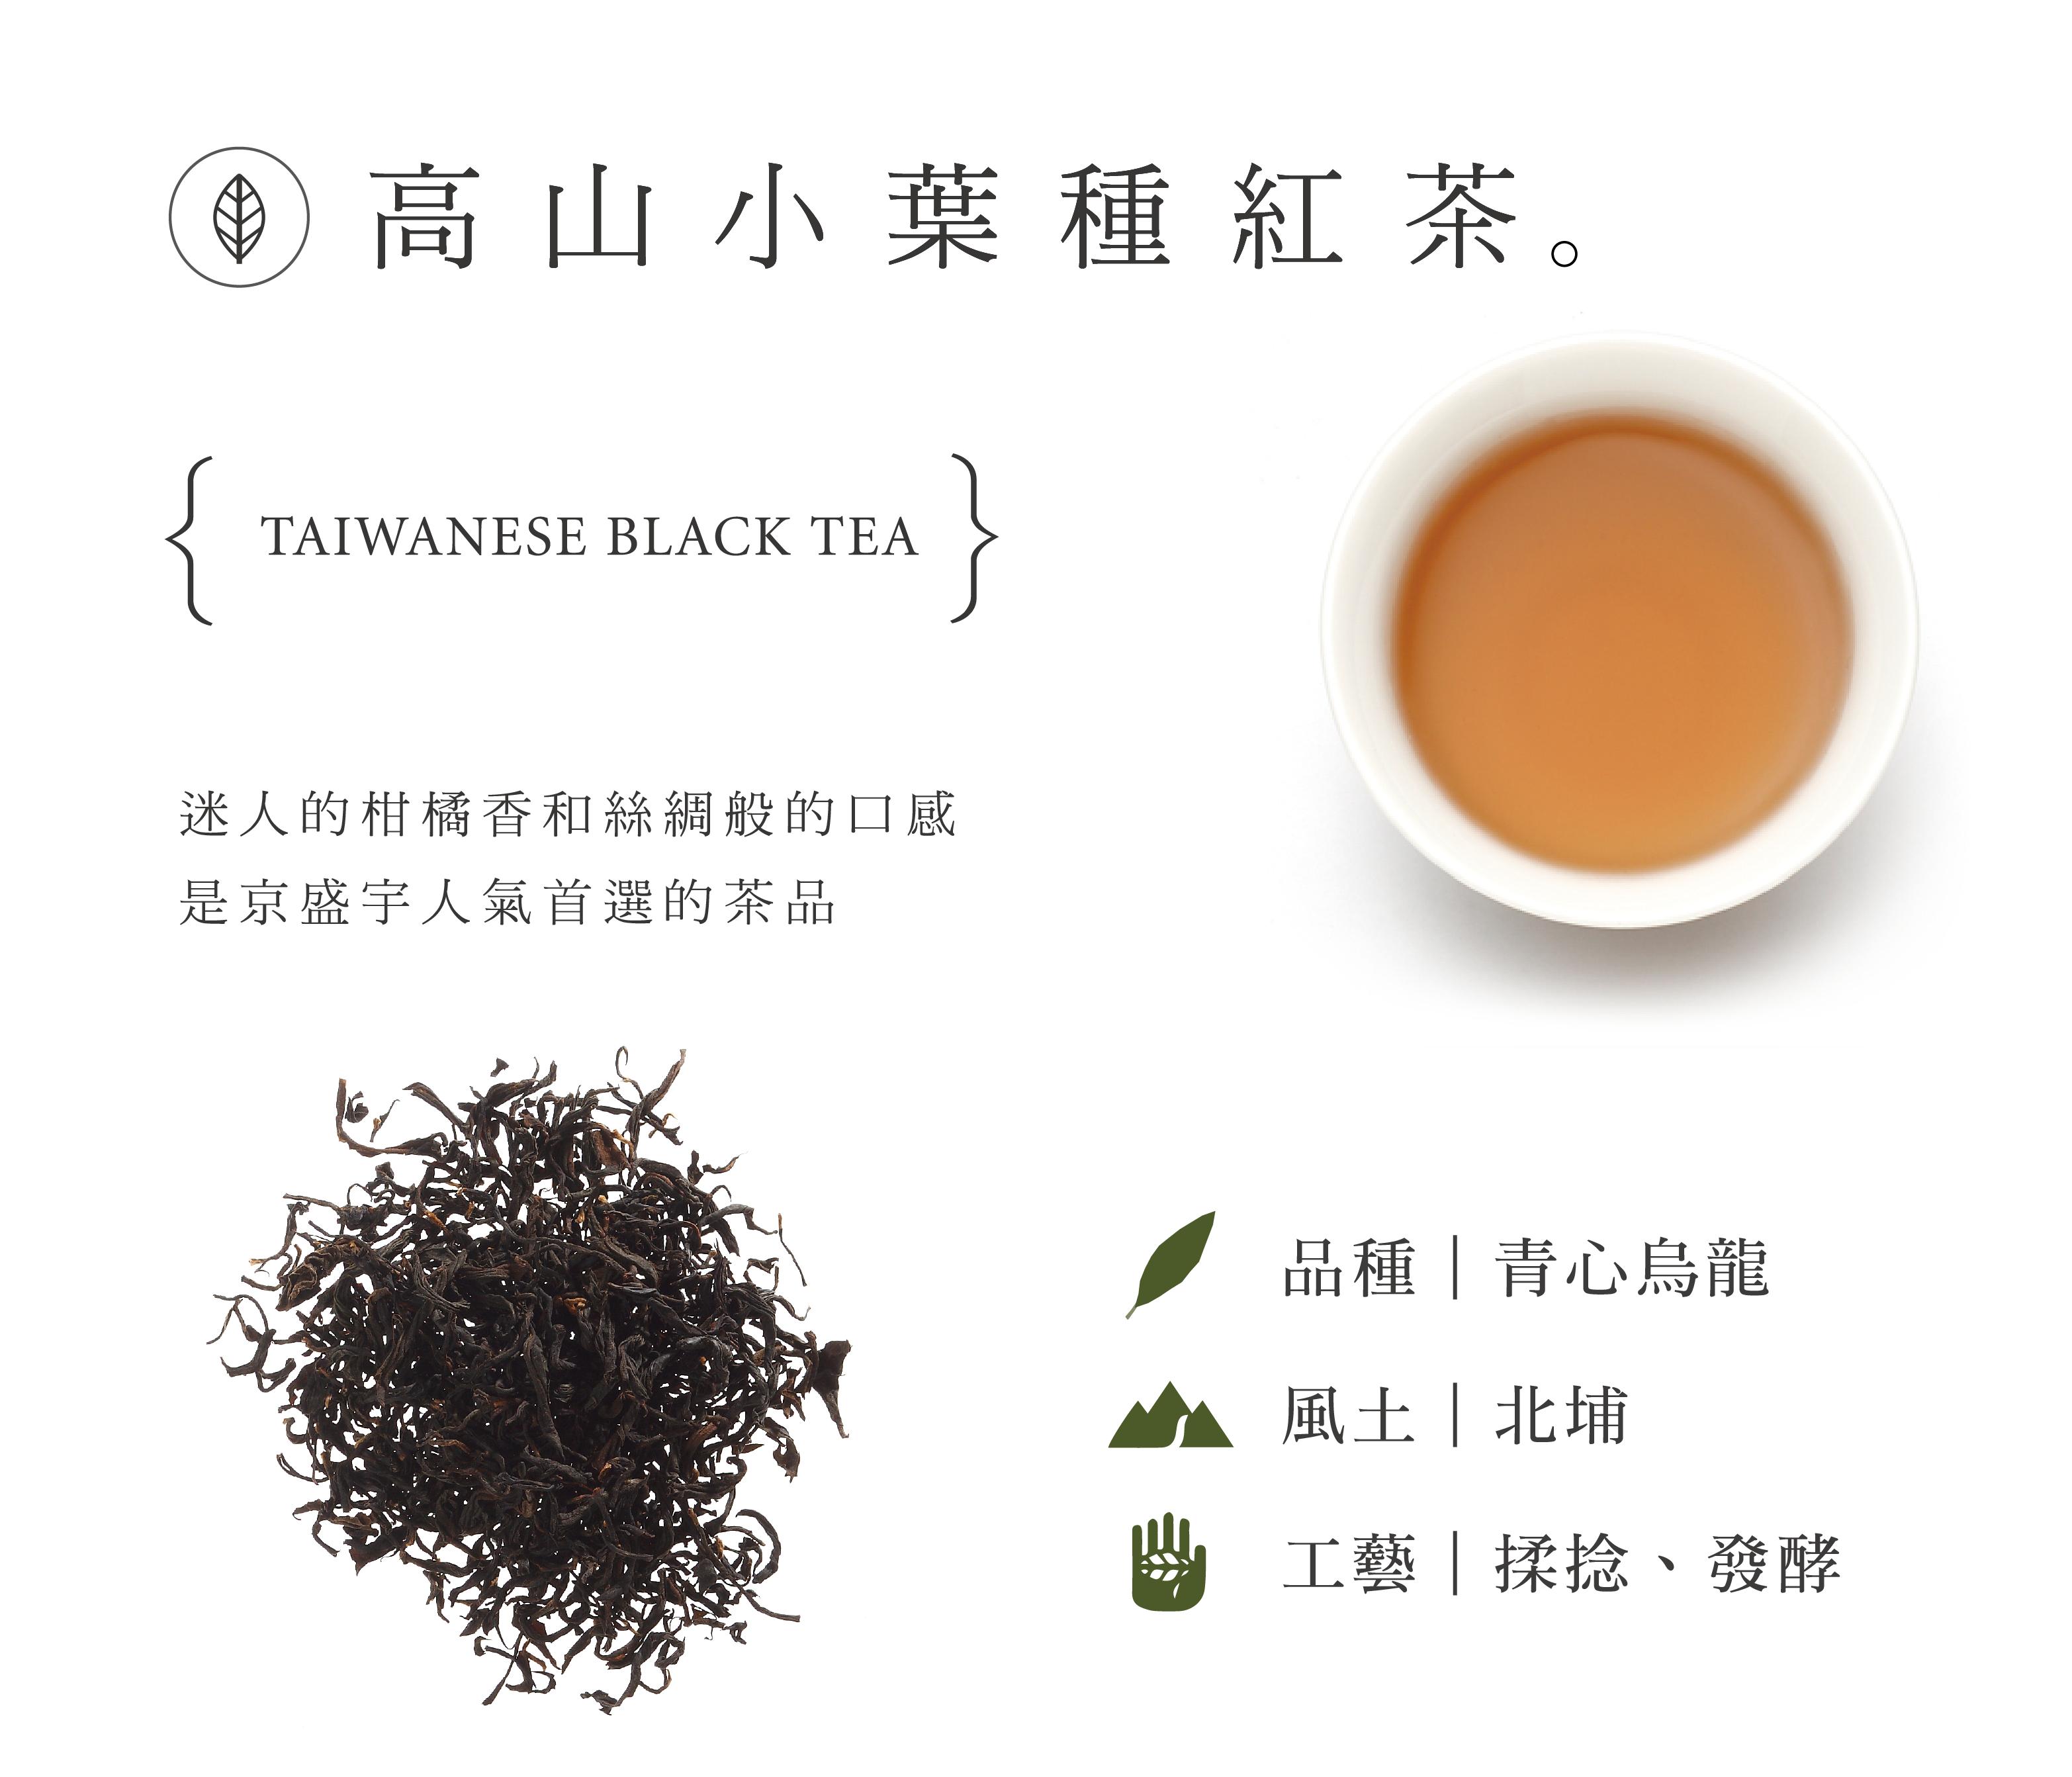 高山小葉種紅茶 迷人的柑橘香和絲綢般的口感 是京盛宇人氣首選的茶品